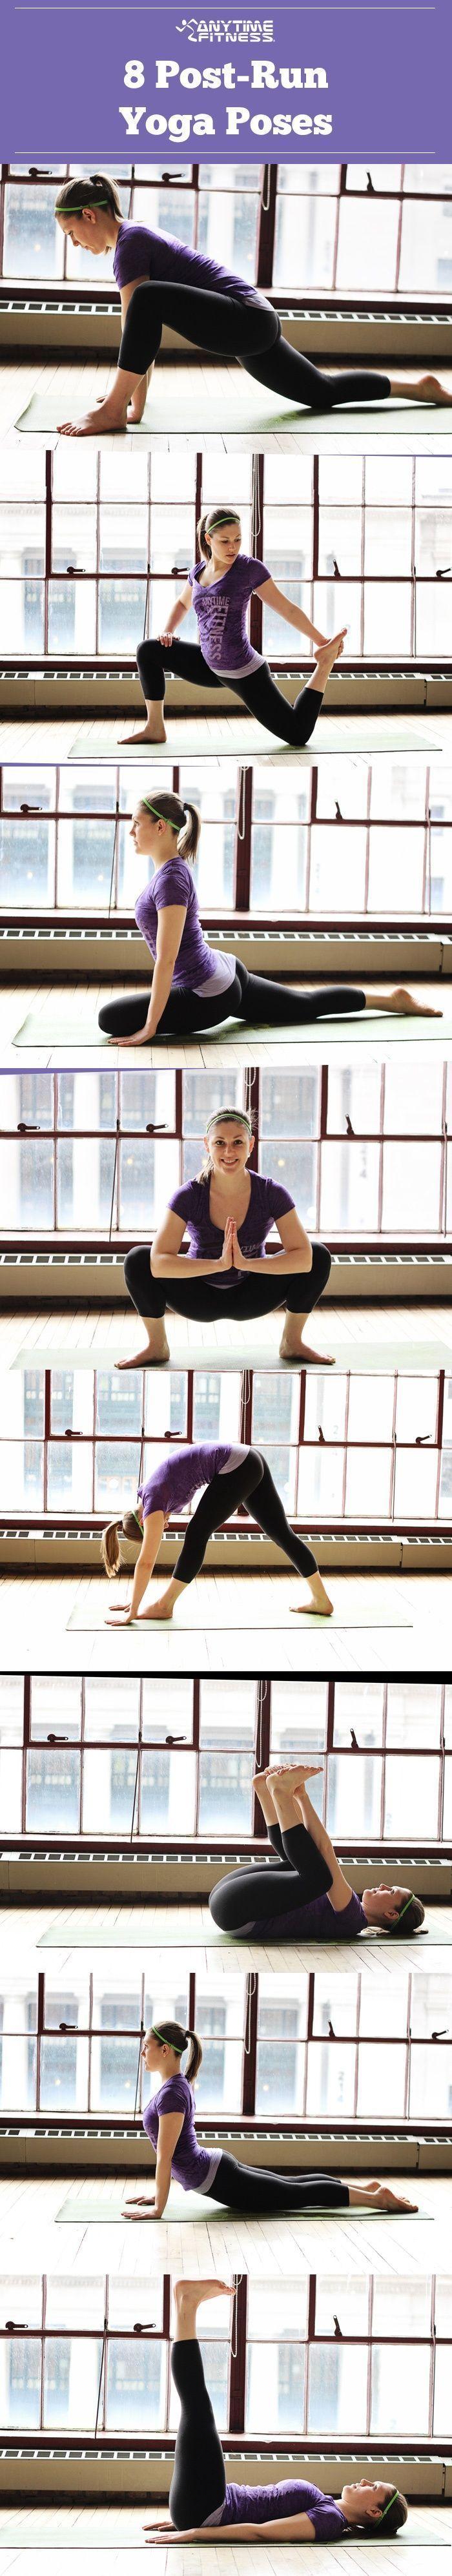 post-run yoga poses